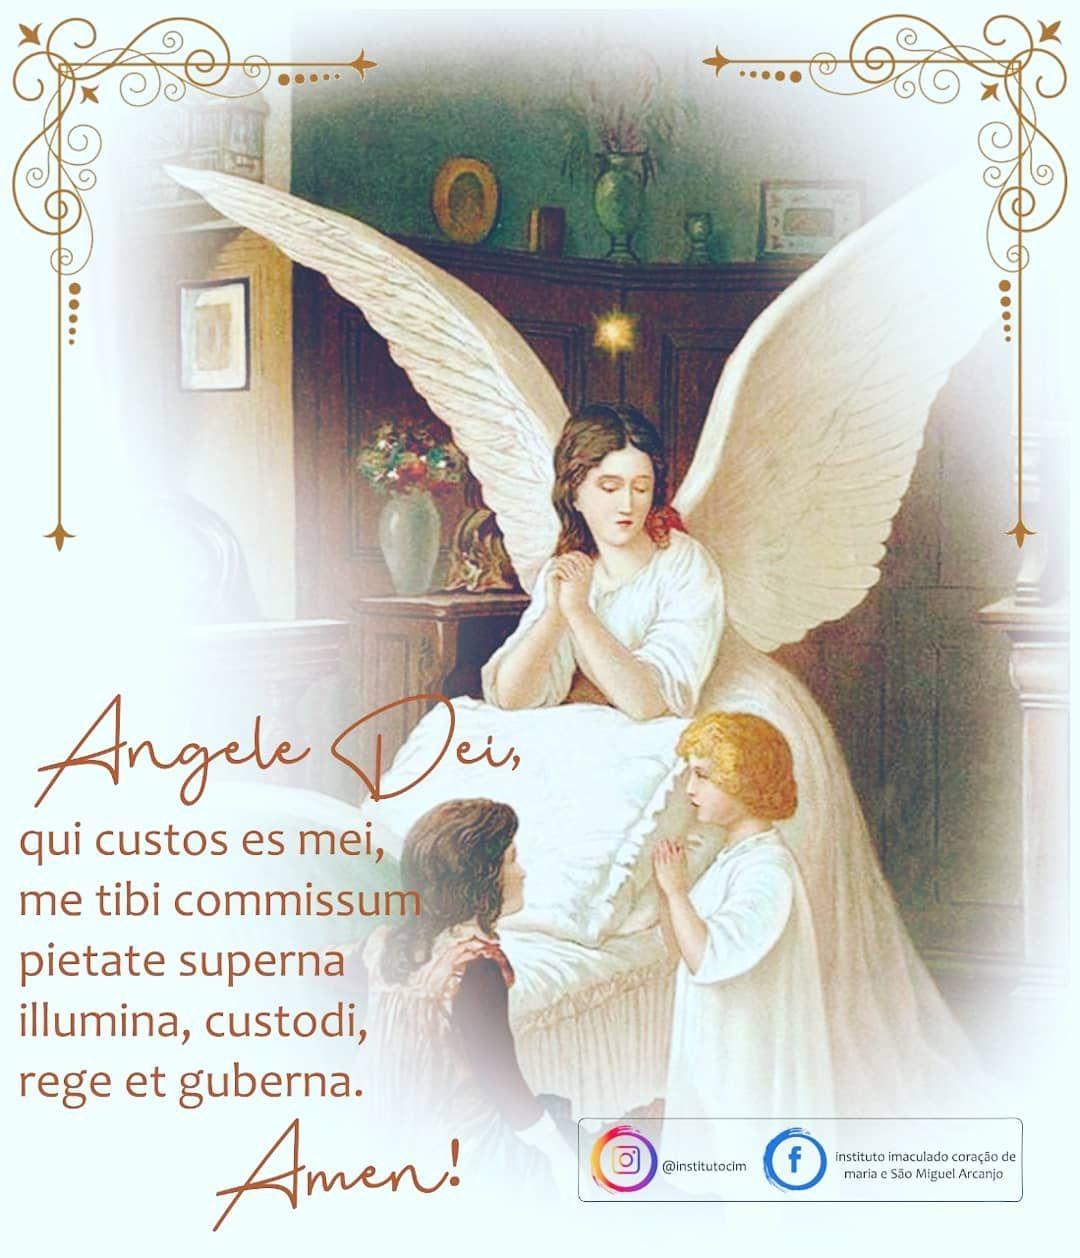 2 De Outubro Dia Do Anjo Da Guarda Santo Anjo Da Guarda Meu